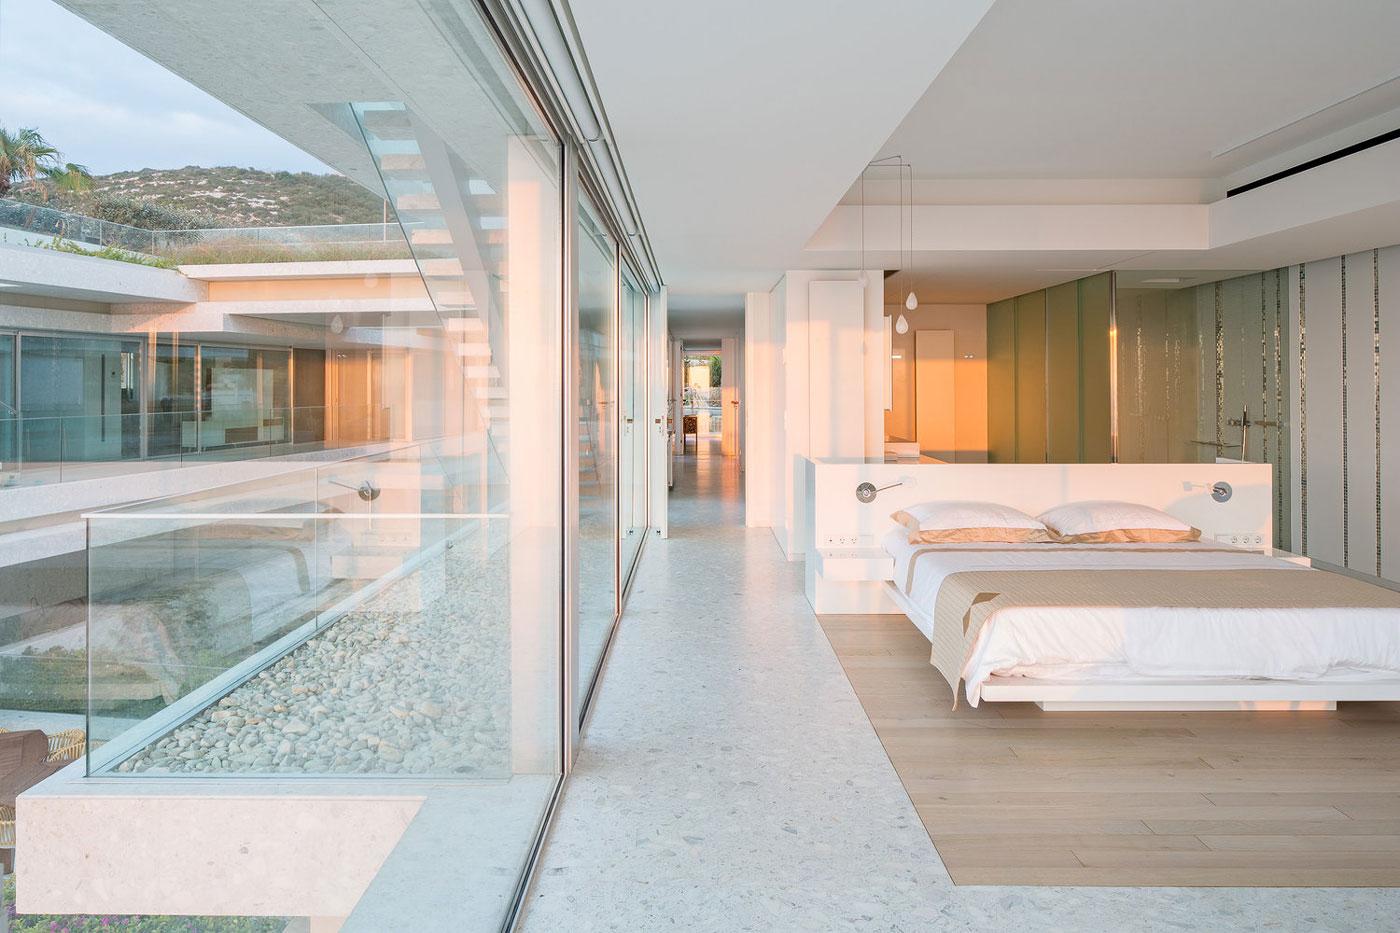 Bedroom, glass walls